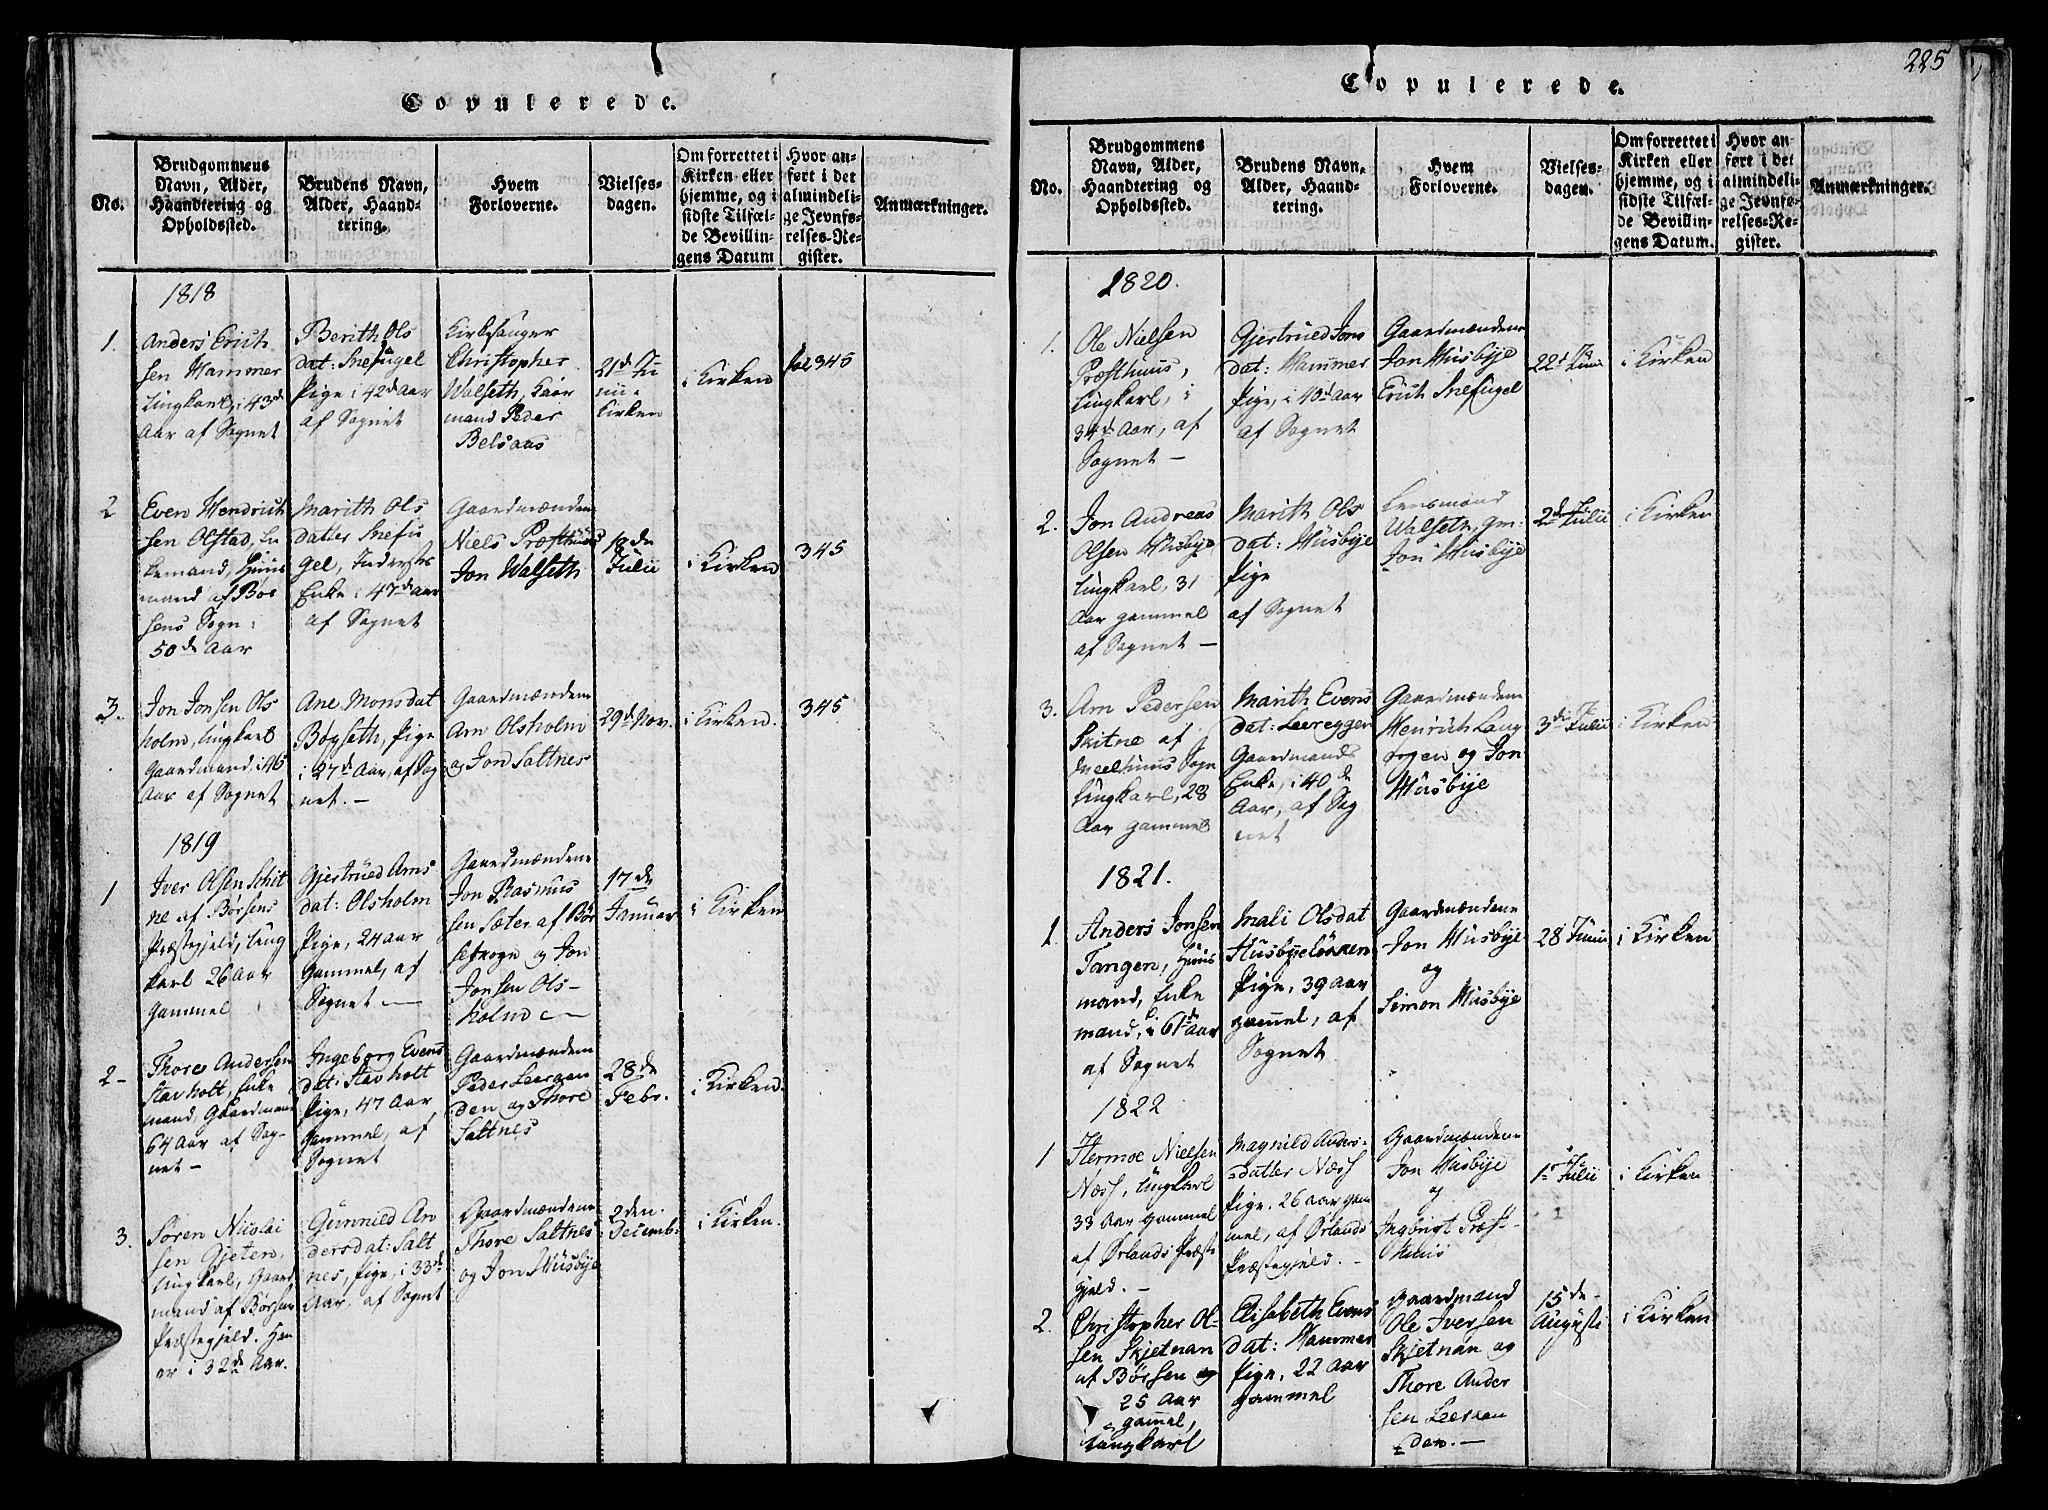 SAT, Ministerialprotokoller, klokkerbøker og fødselsregistre - Sør-Trøndelag, 612/L0373: Ministerialbok nr. 612A06 /2, 1816-1828, s. 225